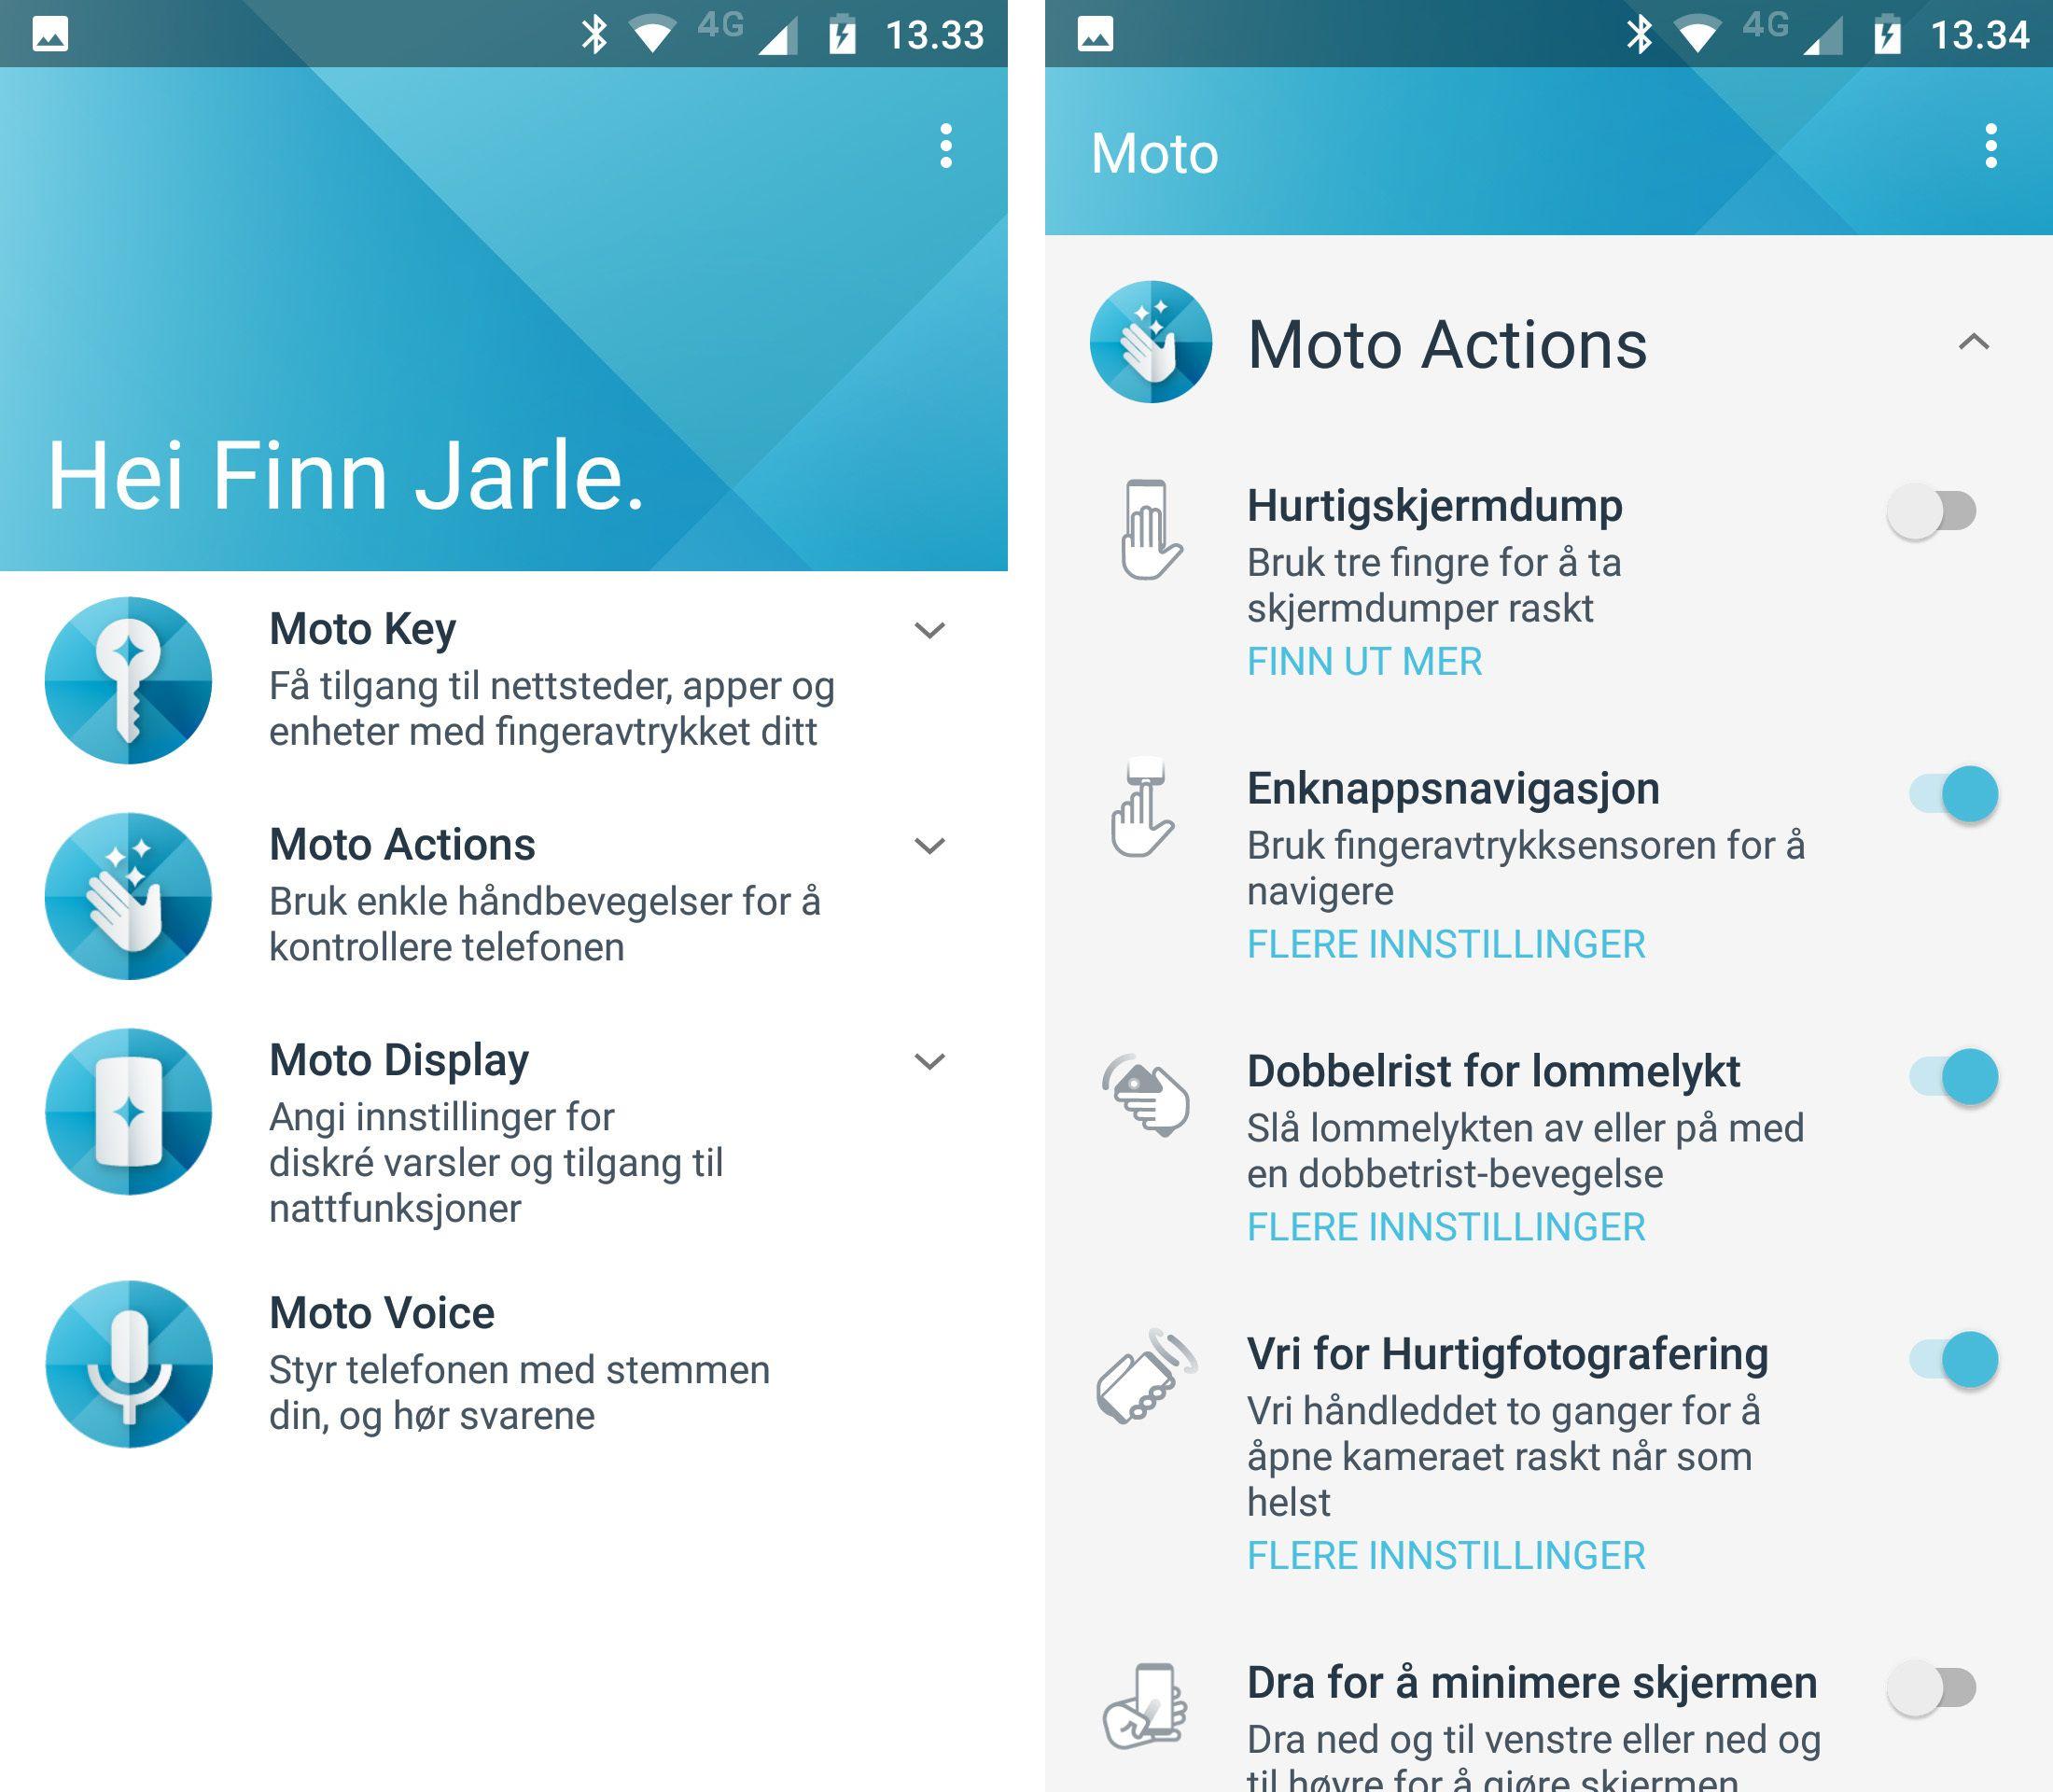 Motorolas egne funksjoner er i hovedsak samlet i en egen Moto-app. Det meste av innholdet her er nyttig, men stemmefunksjonene virker ikke i Norge.